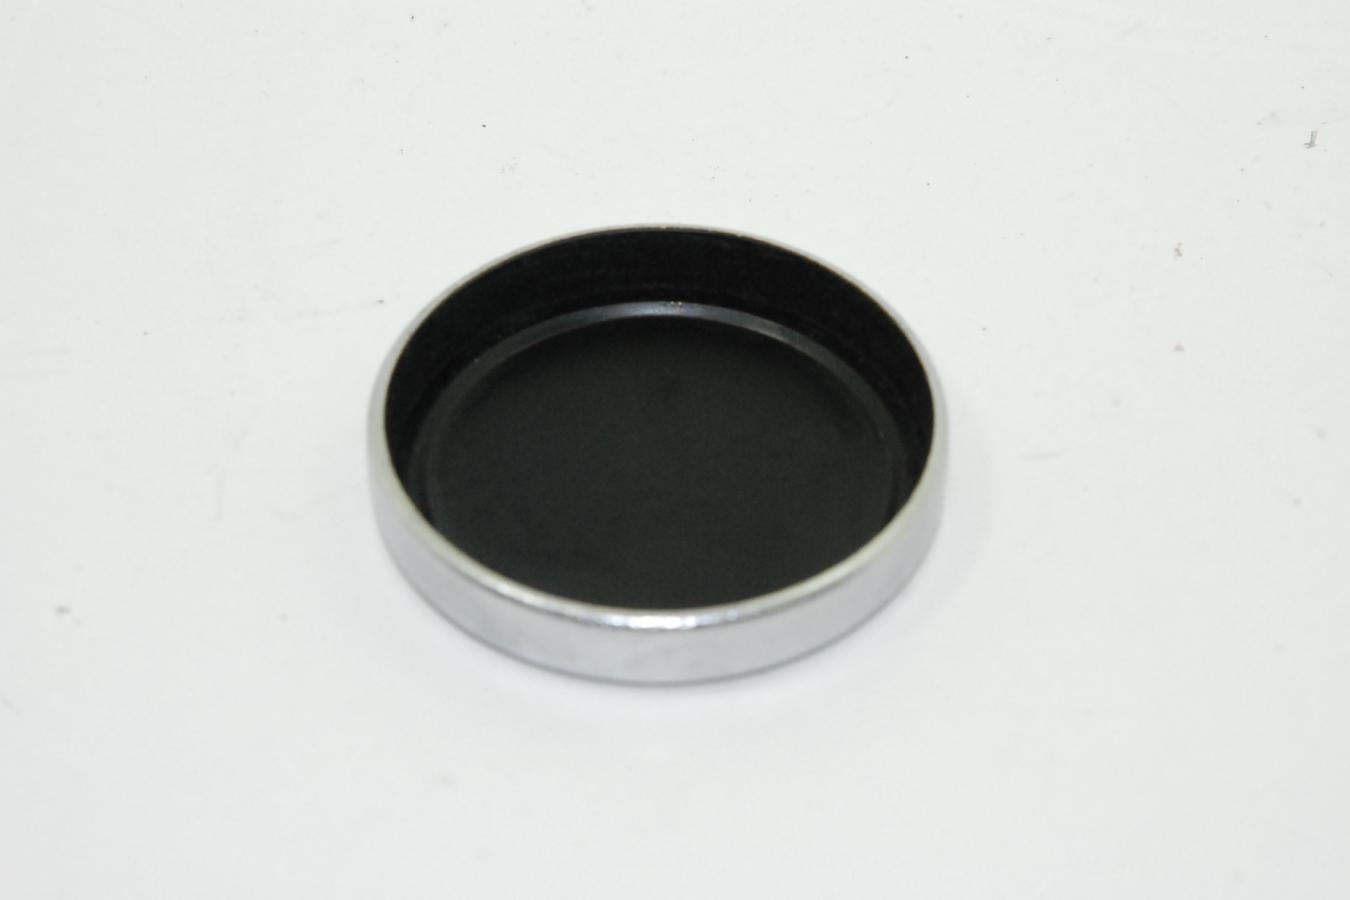 【珍 品】 Canon 34mm径メタルレンズキャップ 【Canon 28/3.5、50/3.5等用】